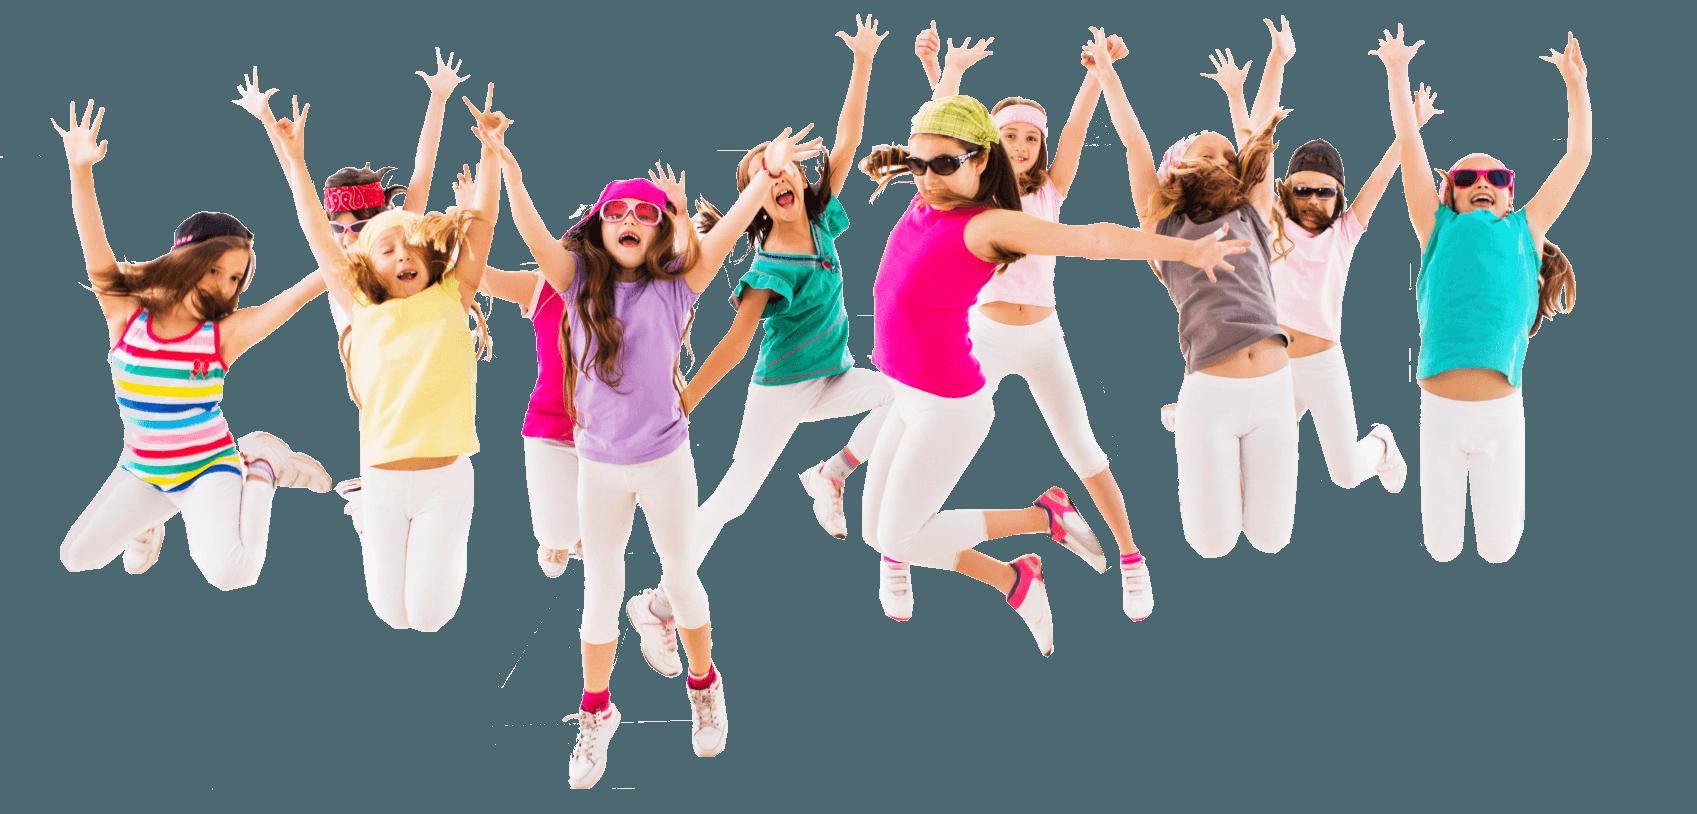 <p>12 marca 2019 roku odbył się w naszej szkole dzień otwarty. Zaprosiliśmy przyszłorocznych pierwszoklasistów oraz ich rodziców, by mogli dowiedzieć się więcej na temat możliwości rozwoju, jakie oferuje szkoła oraz obejrzeć sale dydaktyczne, którymi dysponujemy. Po przemowie pani dyrektor mieliśmy okazję zobaczyć występ uczniów klas sportowych tanecznych. Do tańca zaproszone [&hellip;]</p>